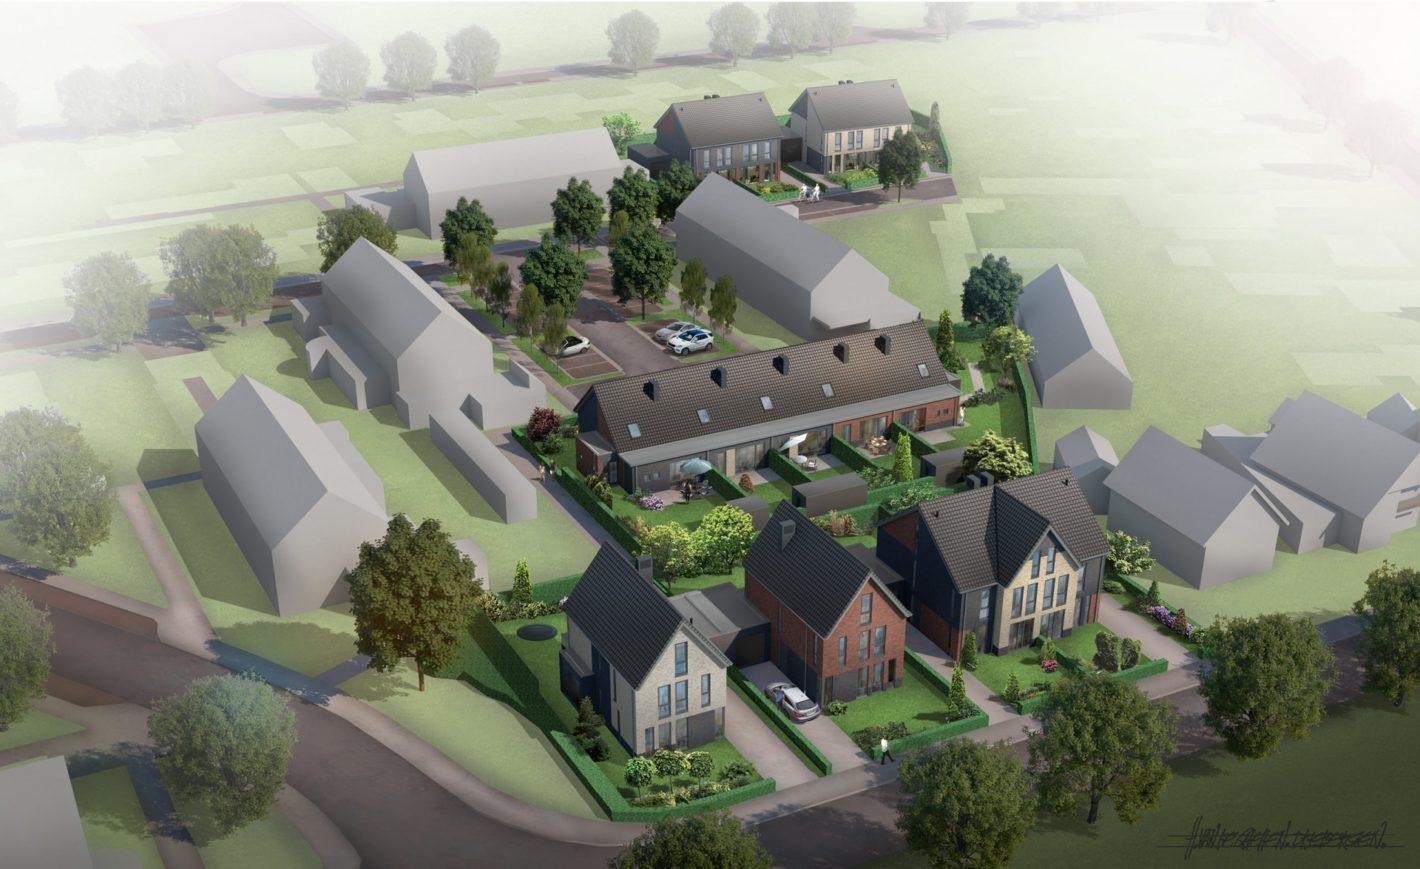 Julianahof in Barneveld